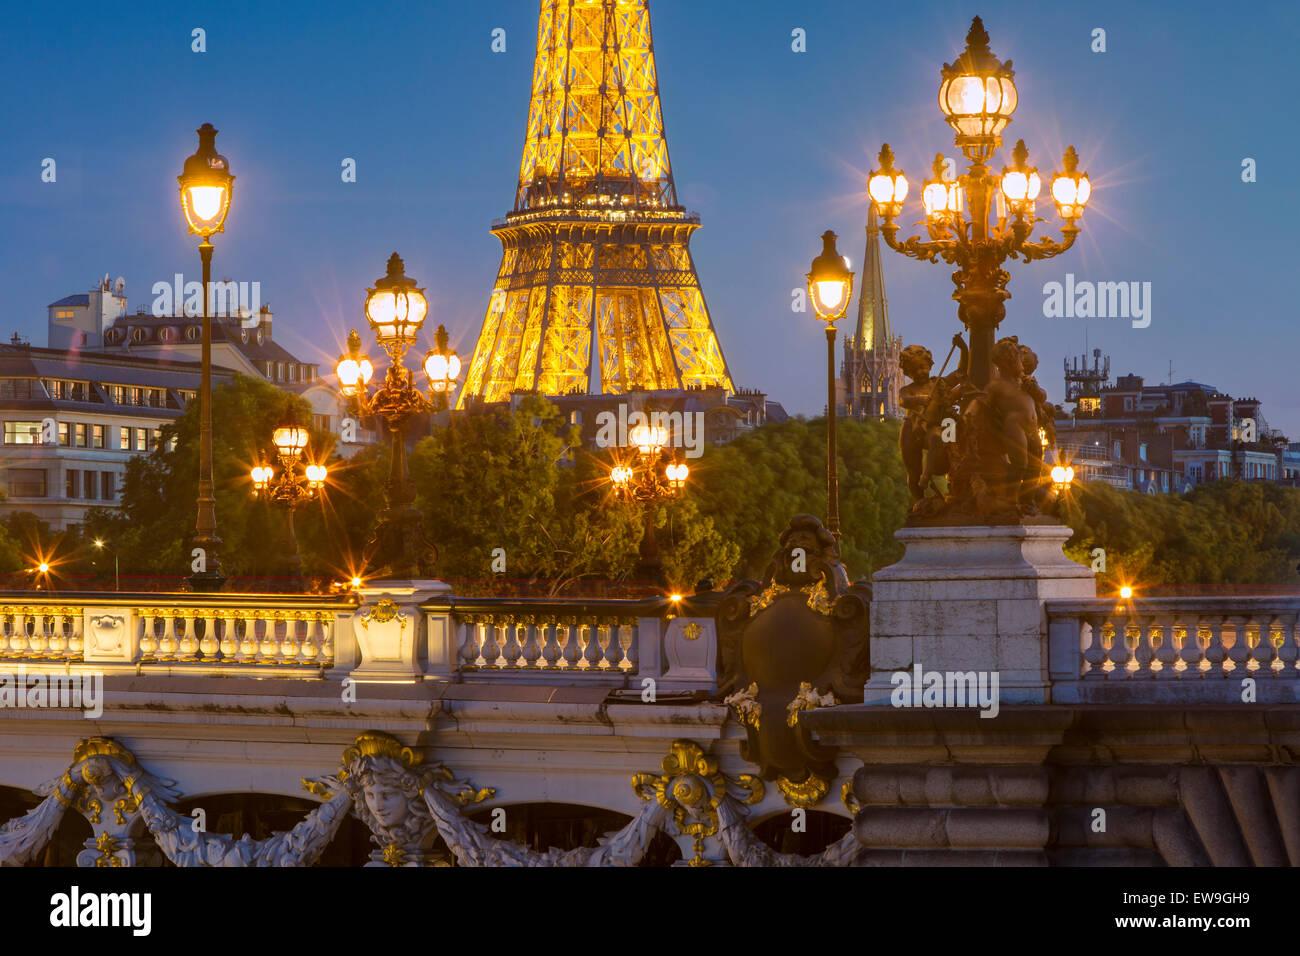 Dämmerung über Lichter der Pont Alexandre III mit Eiffelturm über Paris, Ile de France, Frankreich Stockbild